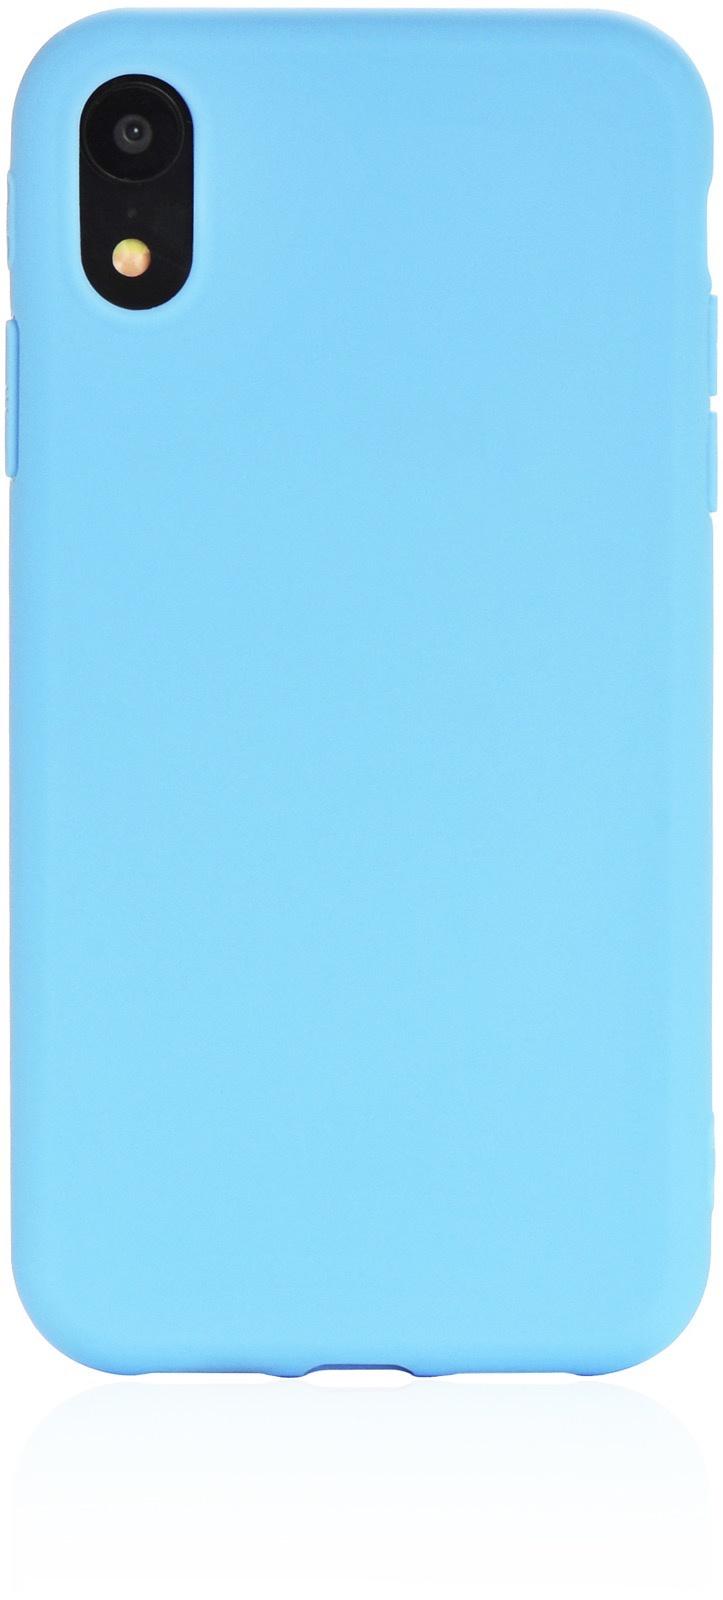 """Чехол для сотового телефона Gurdini накладка Soft Lux силикон (9) для Apple iPhone XR 6.1"""", голубой"""